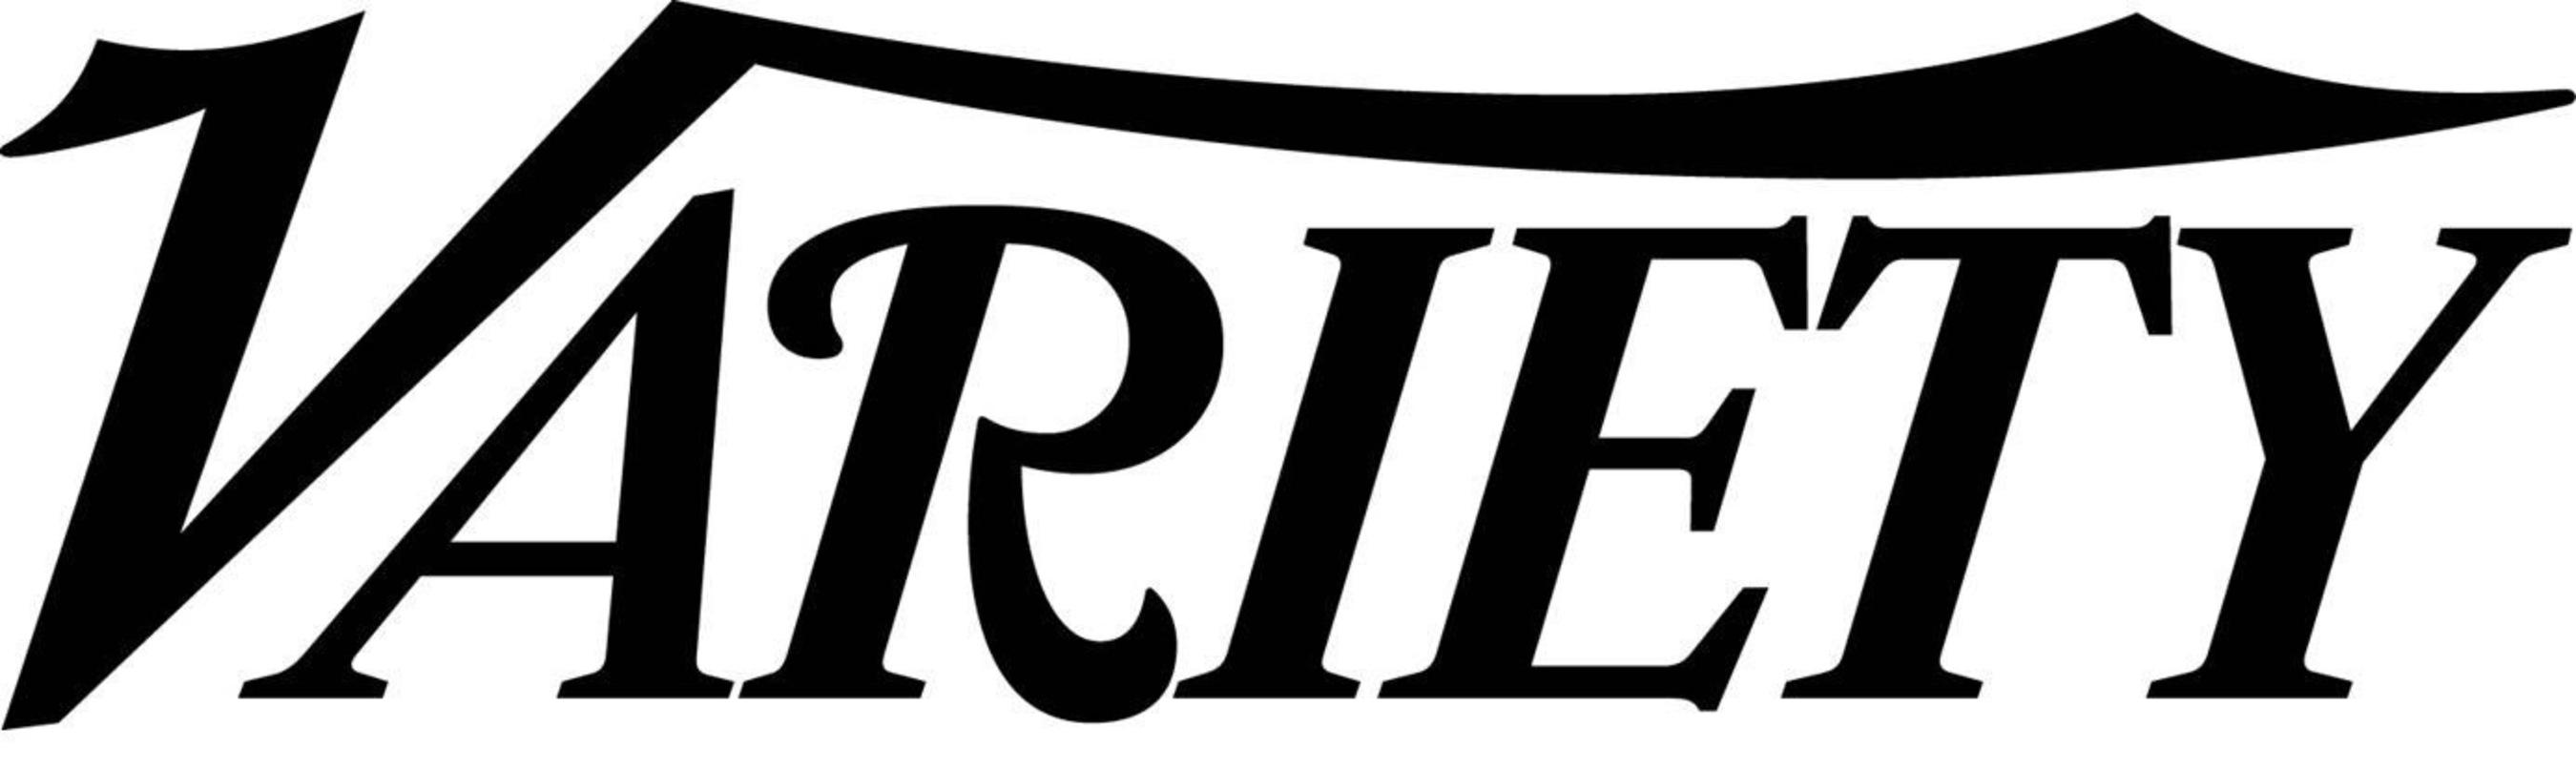 Variety Media, LLC.